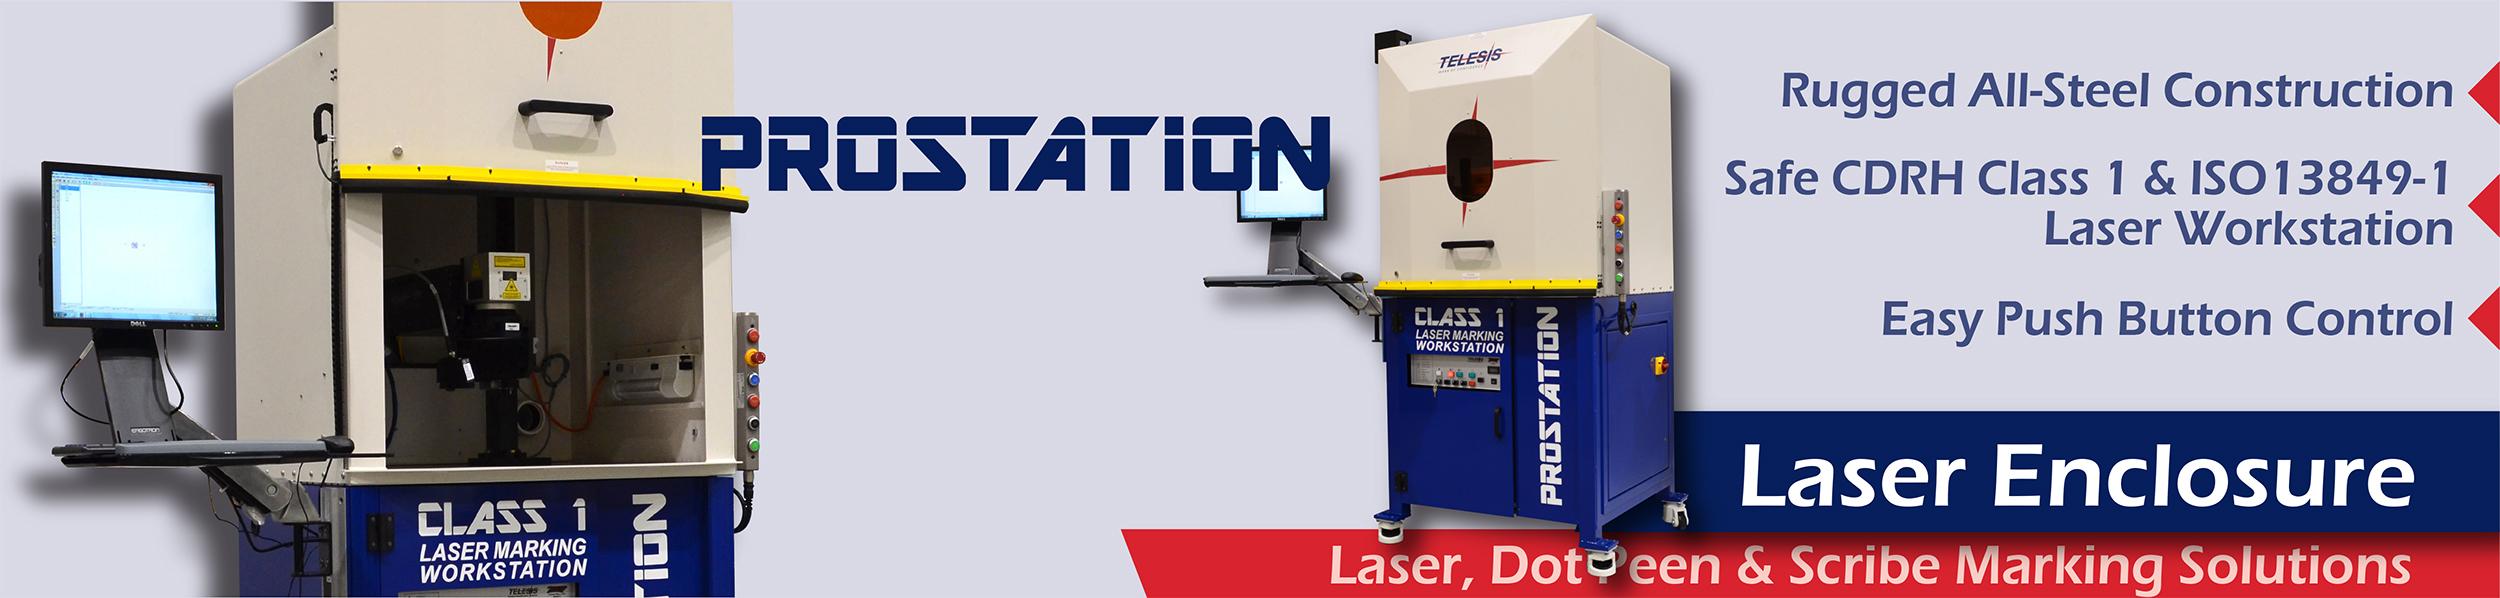 Telesis ProStation Laser Workstations